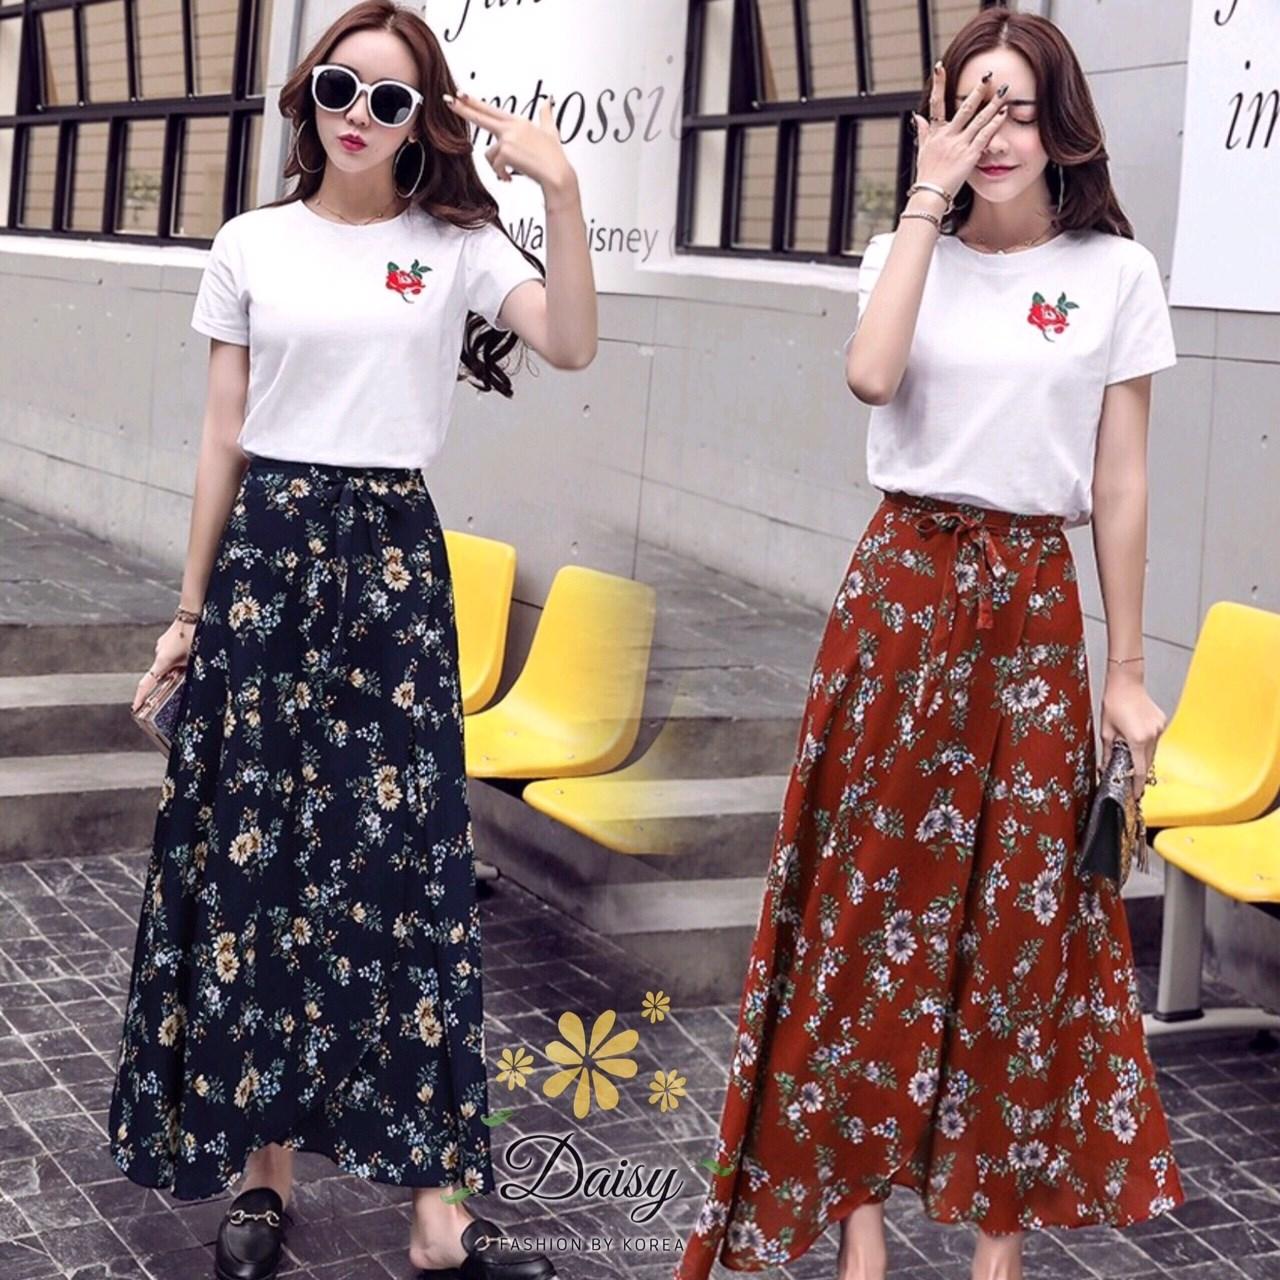 ชุดเซท เสื้อยืดปักลายกุหลาบ+ผ้าชีฟองเกาหลี ผ้าพิมพ์ลายดอกไม้